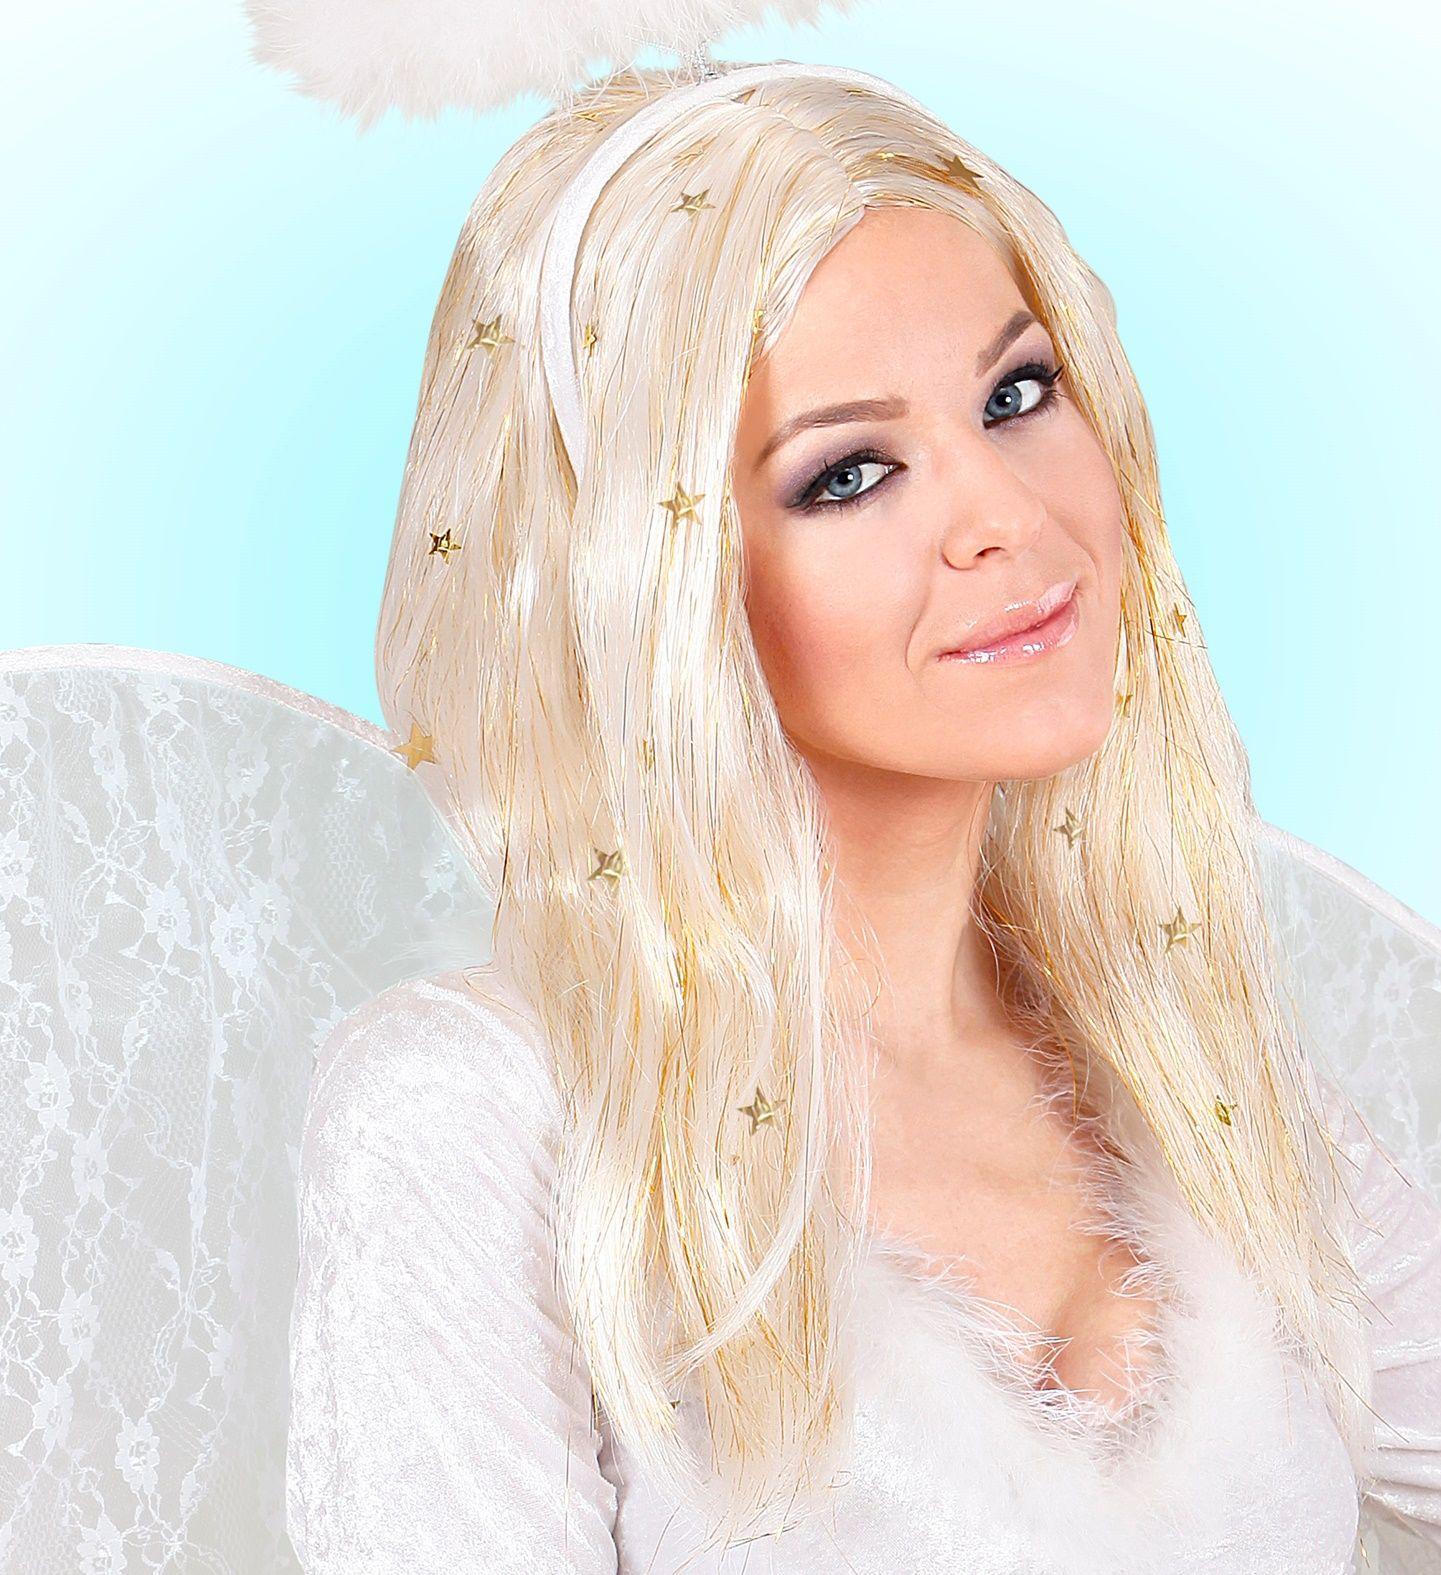 Blonde engel pruik met gouden sterretjes